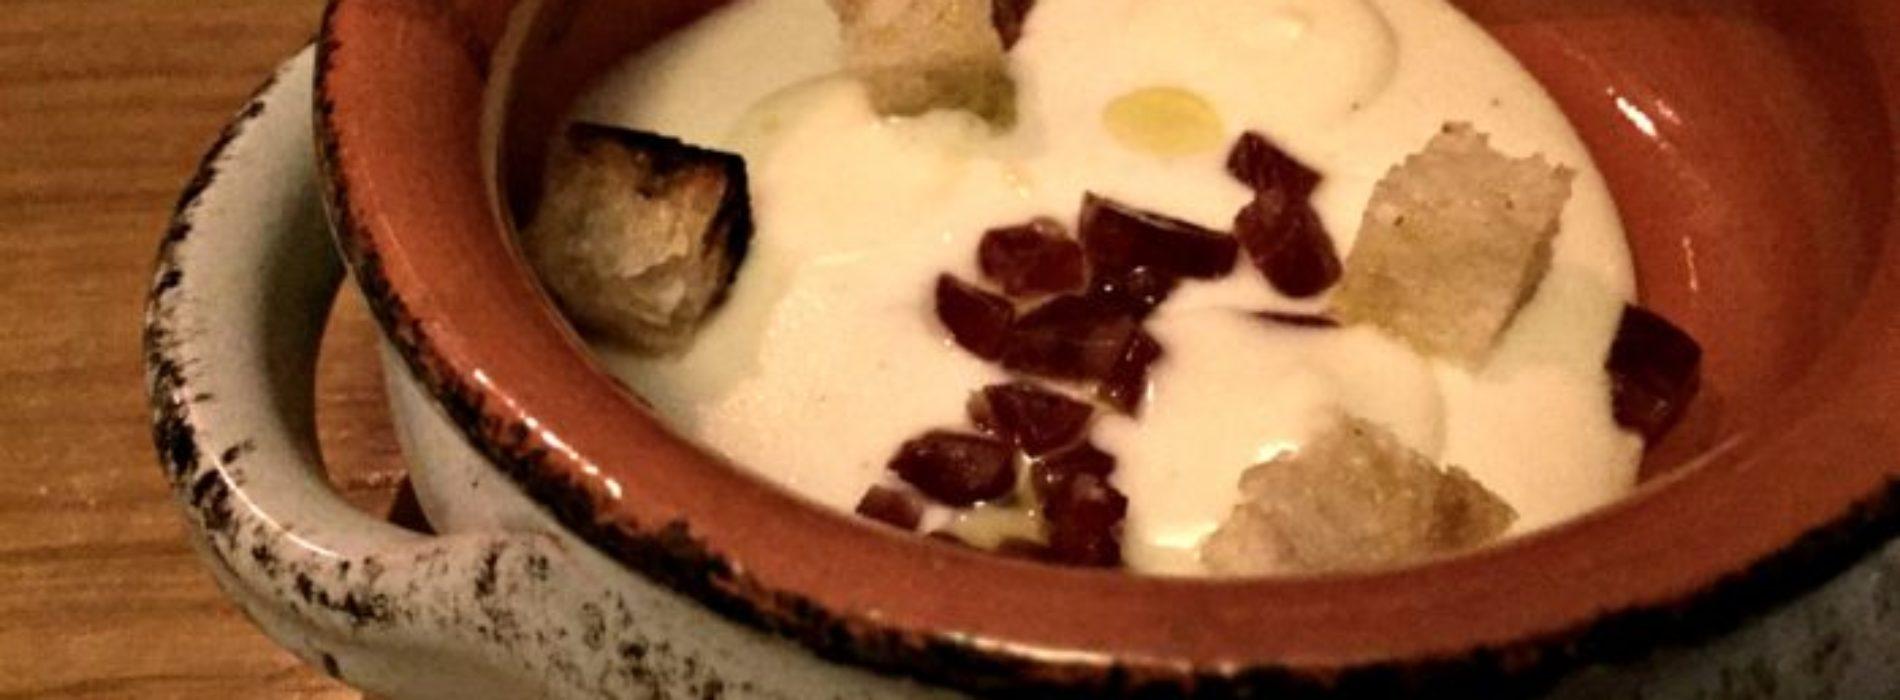 Archivio Storico Napoli, il cocktail bar inaugura la cucina con antiche ricette borboniche